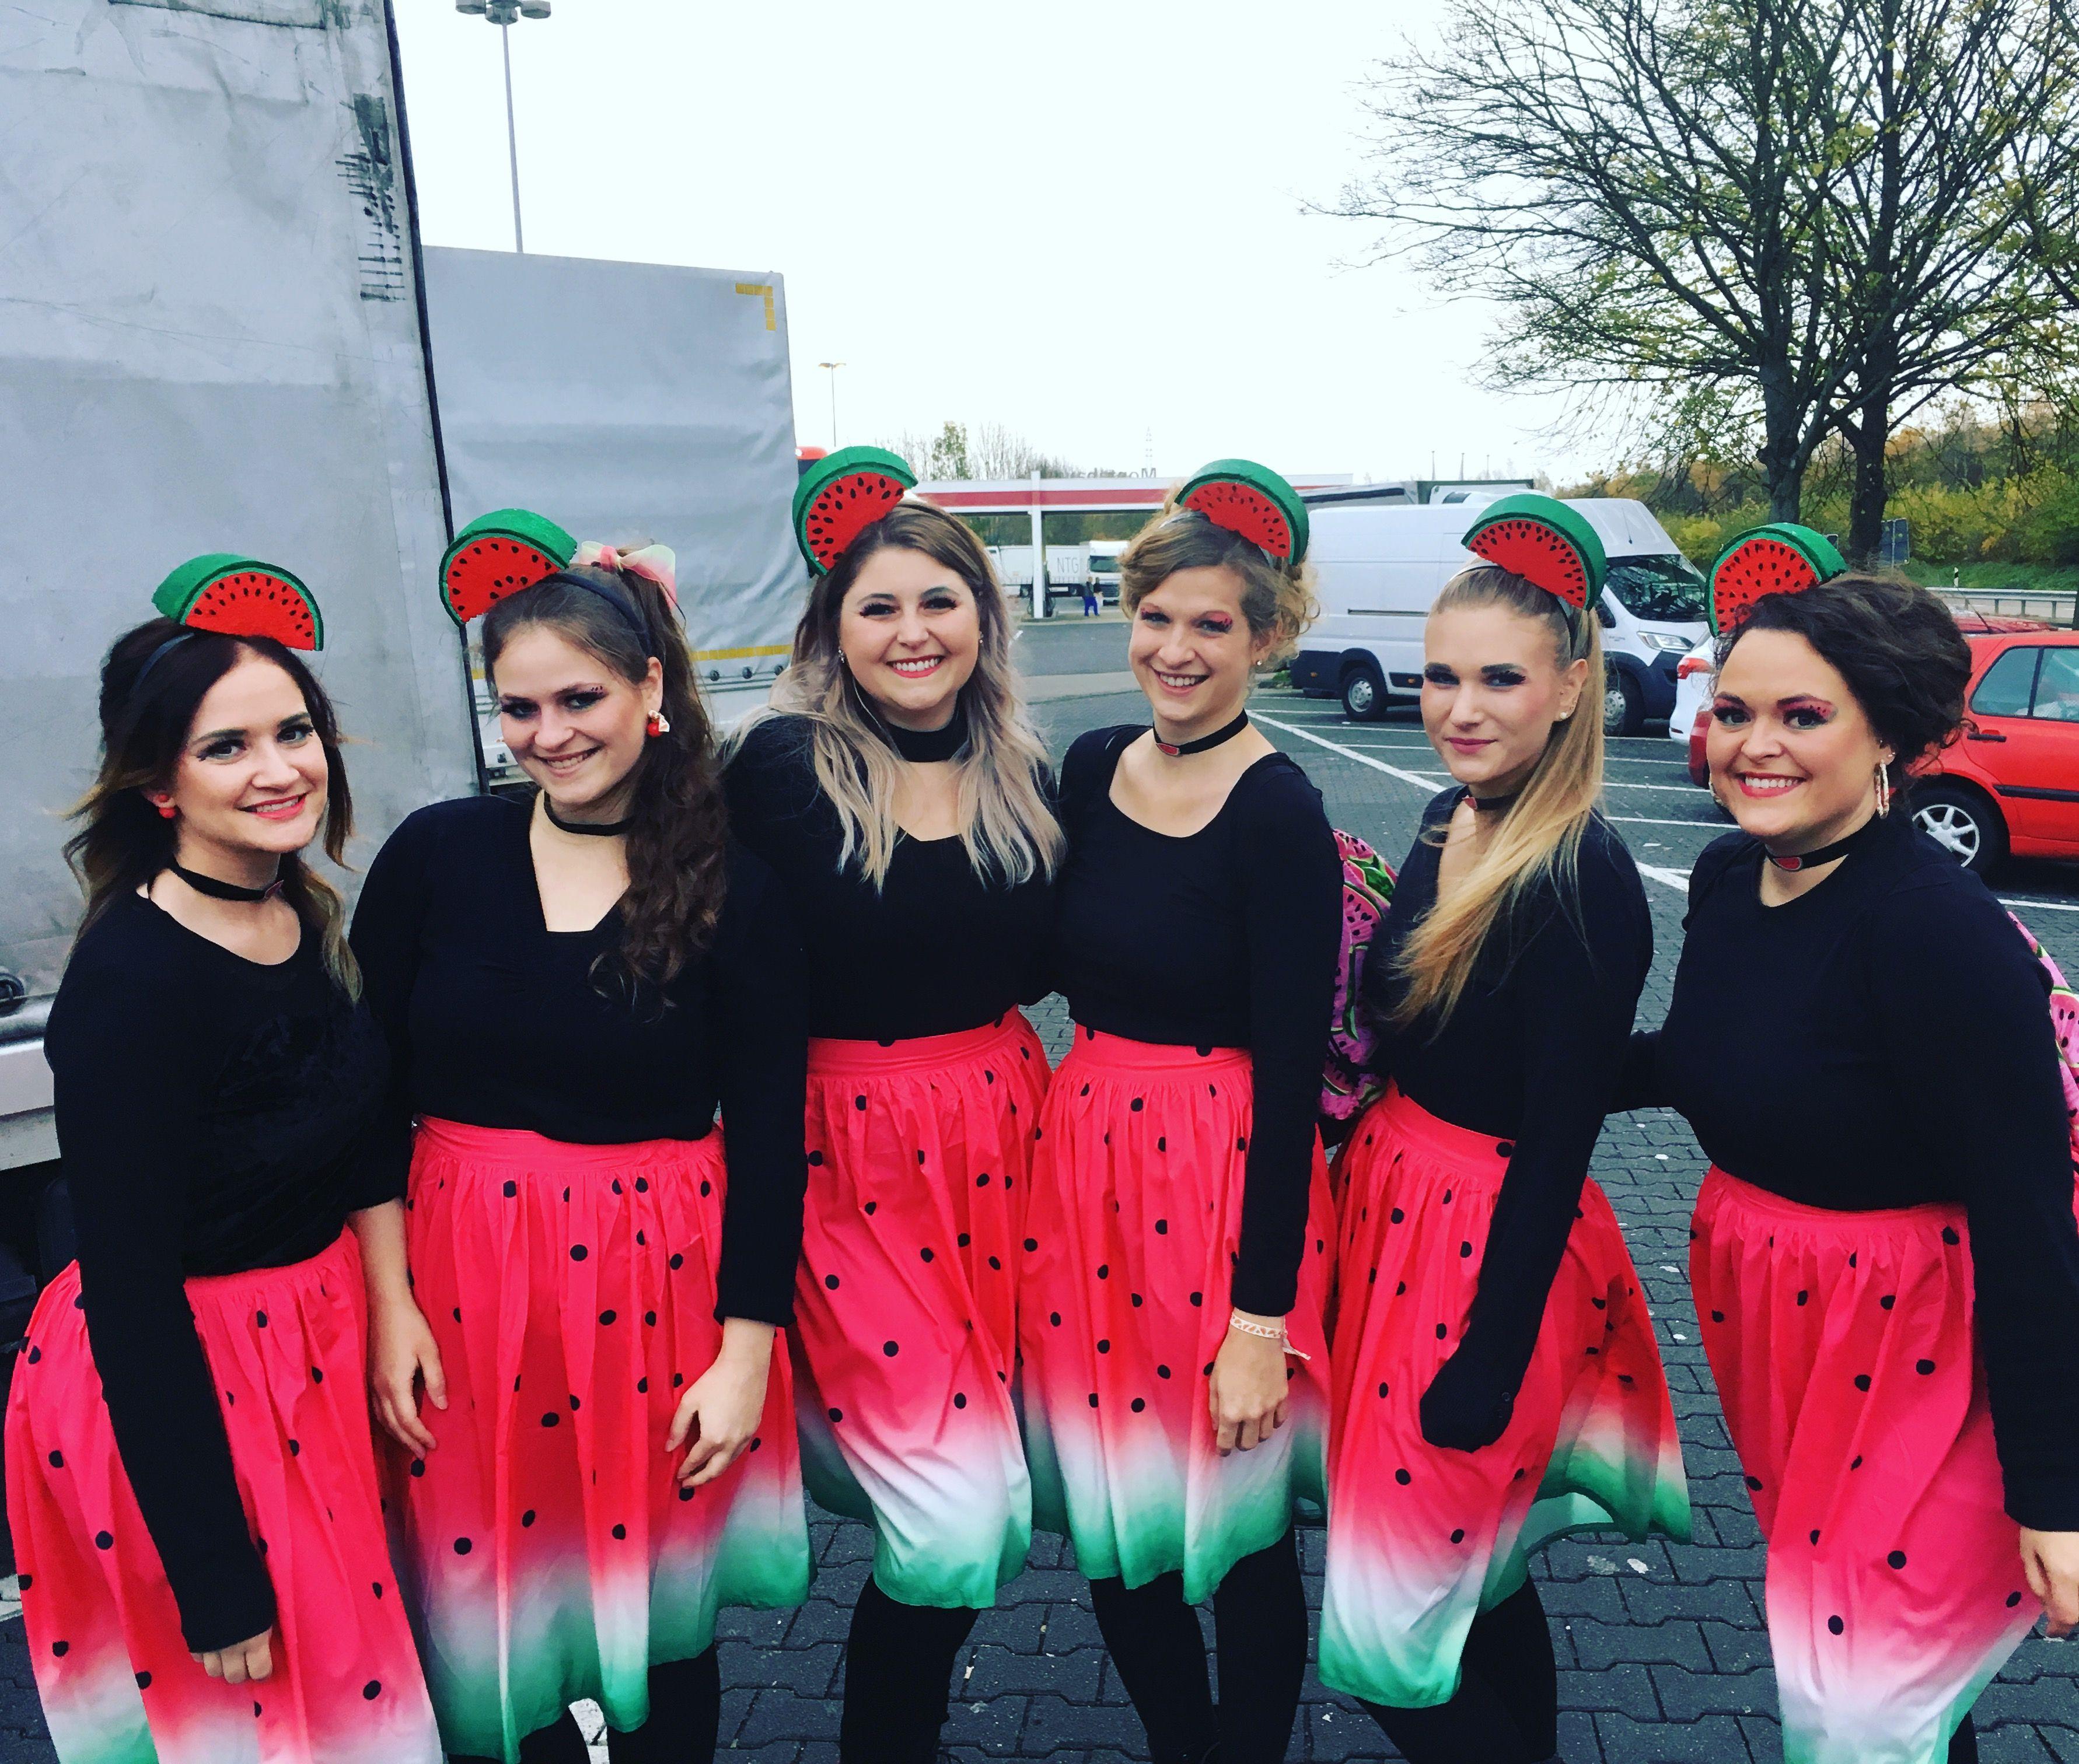 karneval kostüm damen ausgefallen früchte